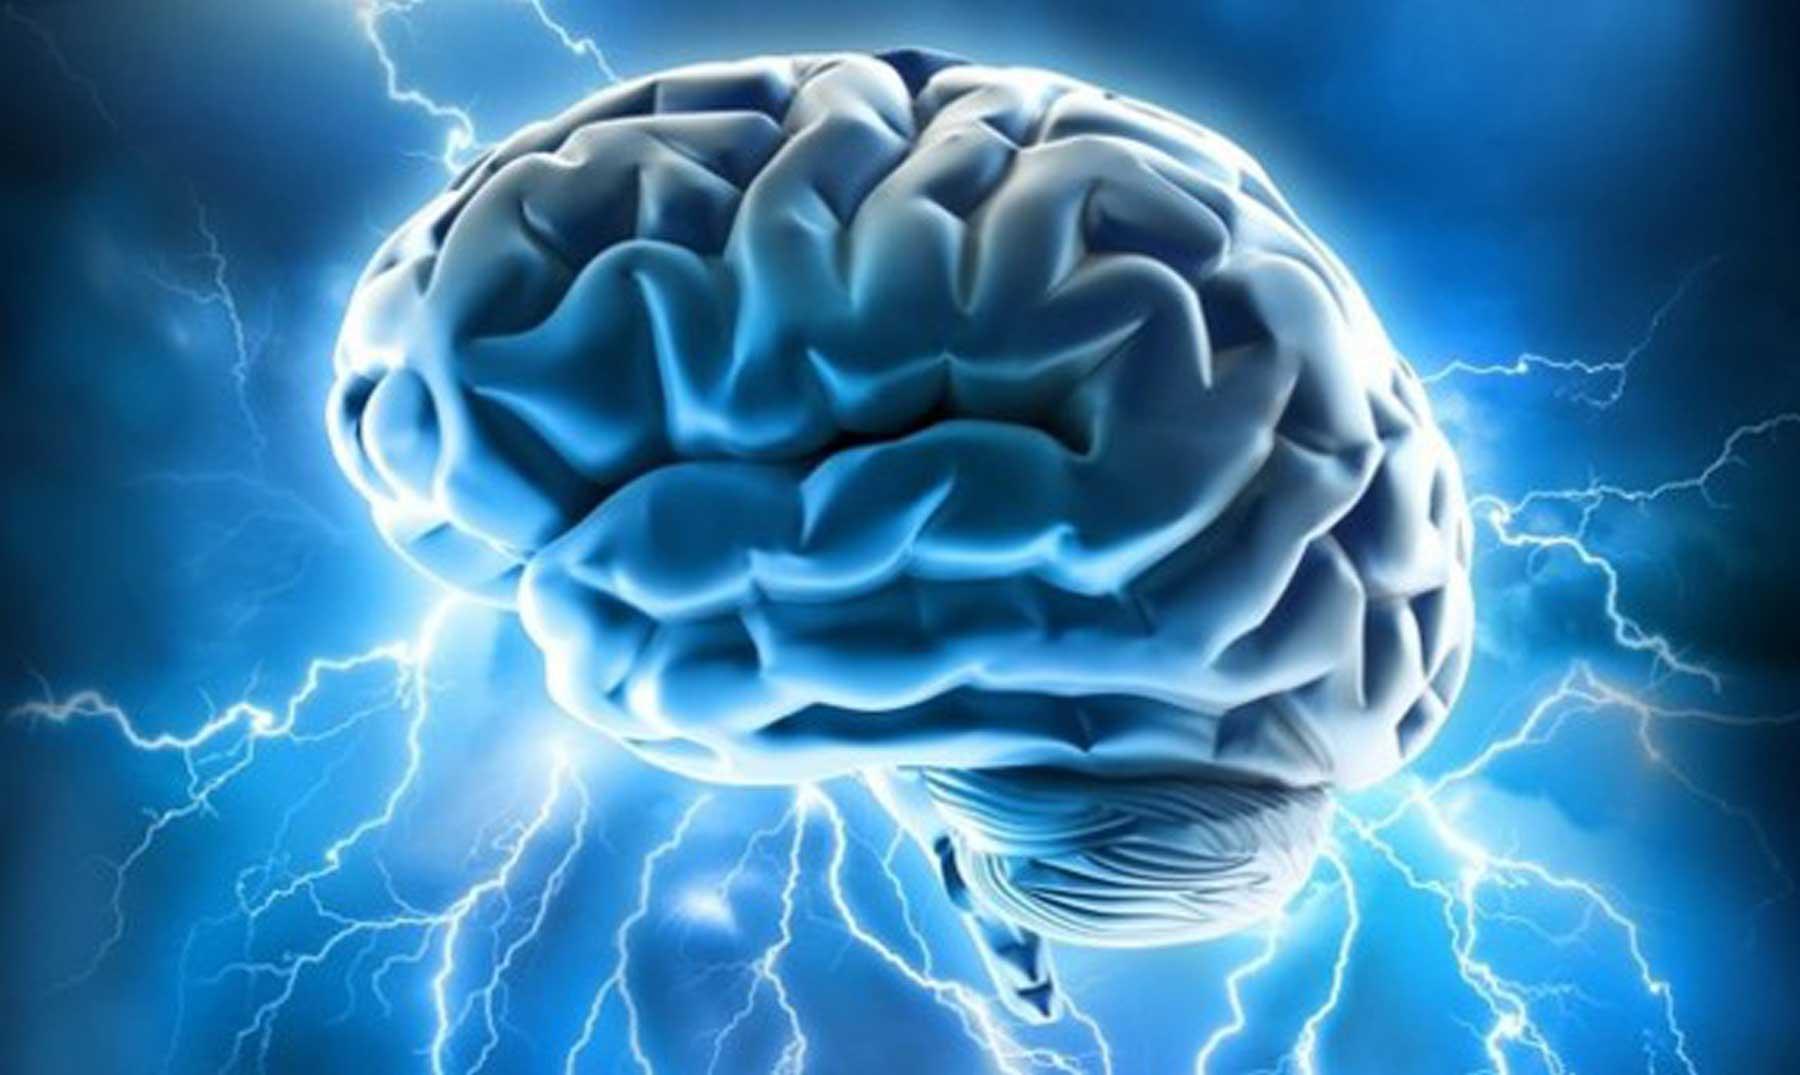 Científicos logran implantar memoria artificial en un cerebro vivo